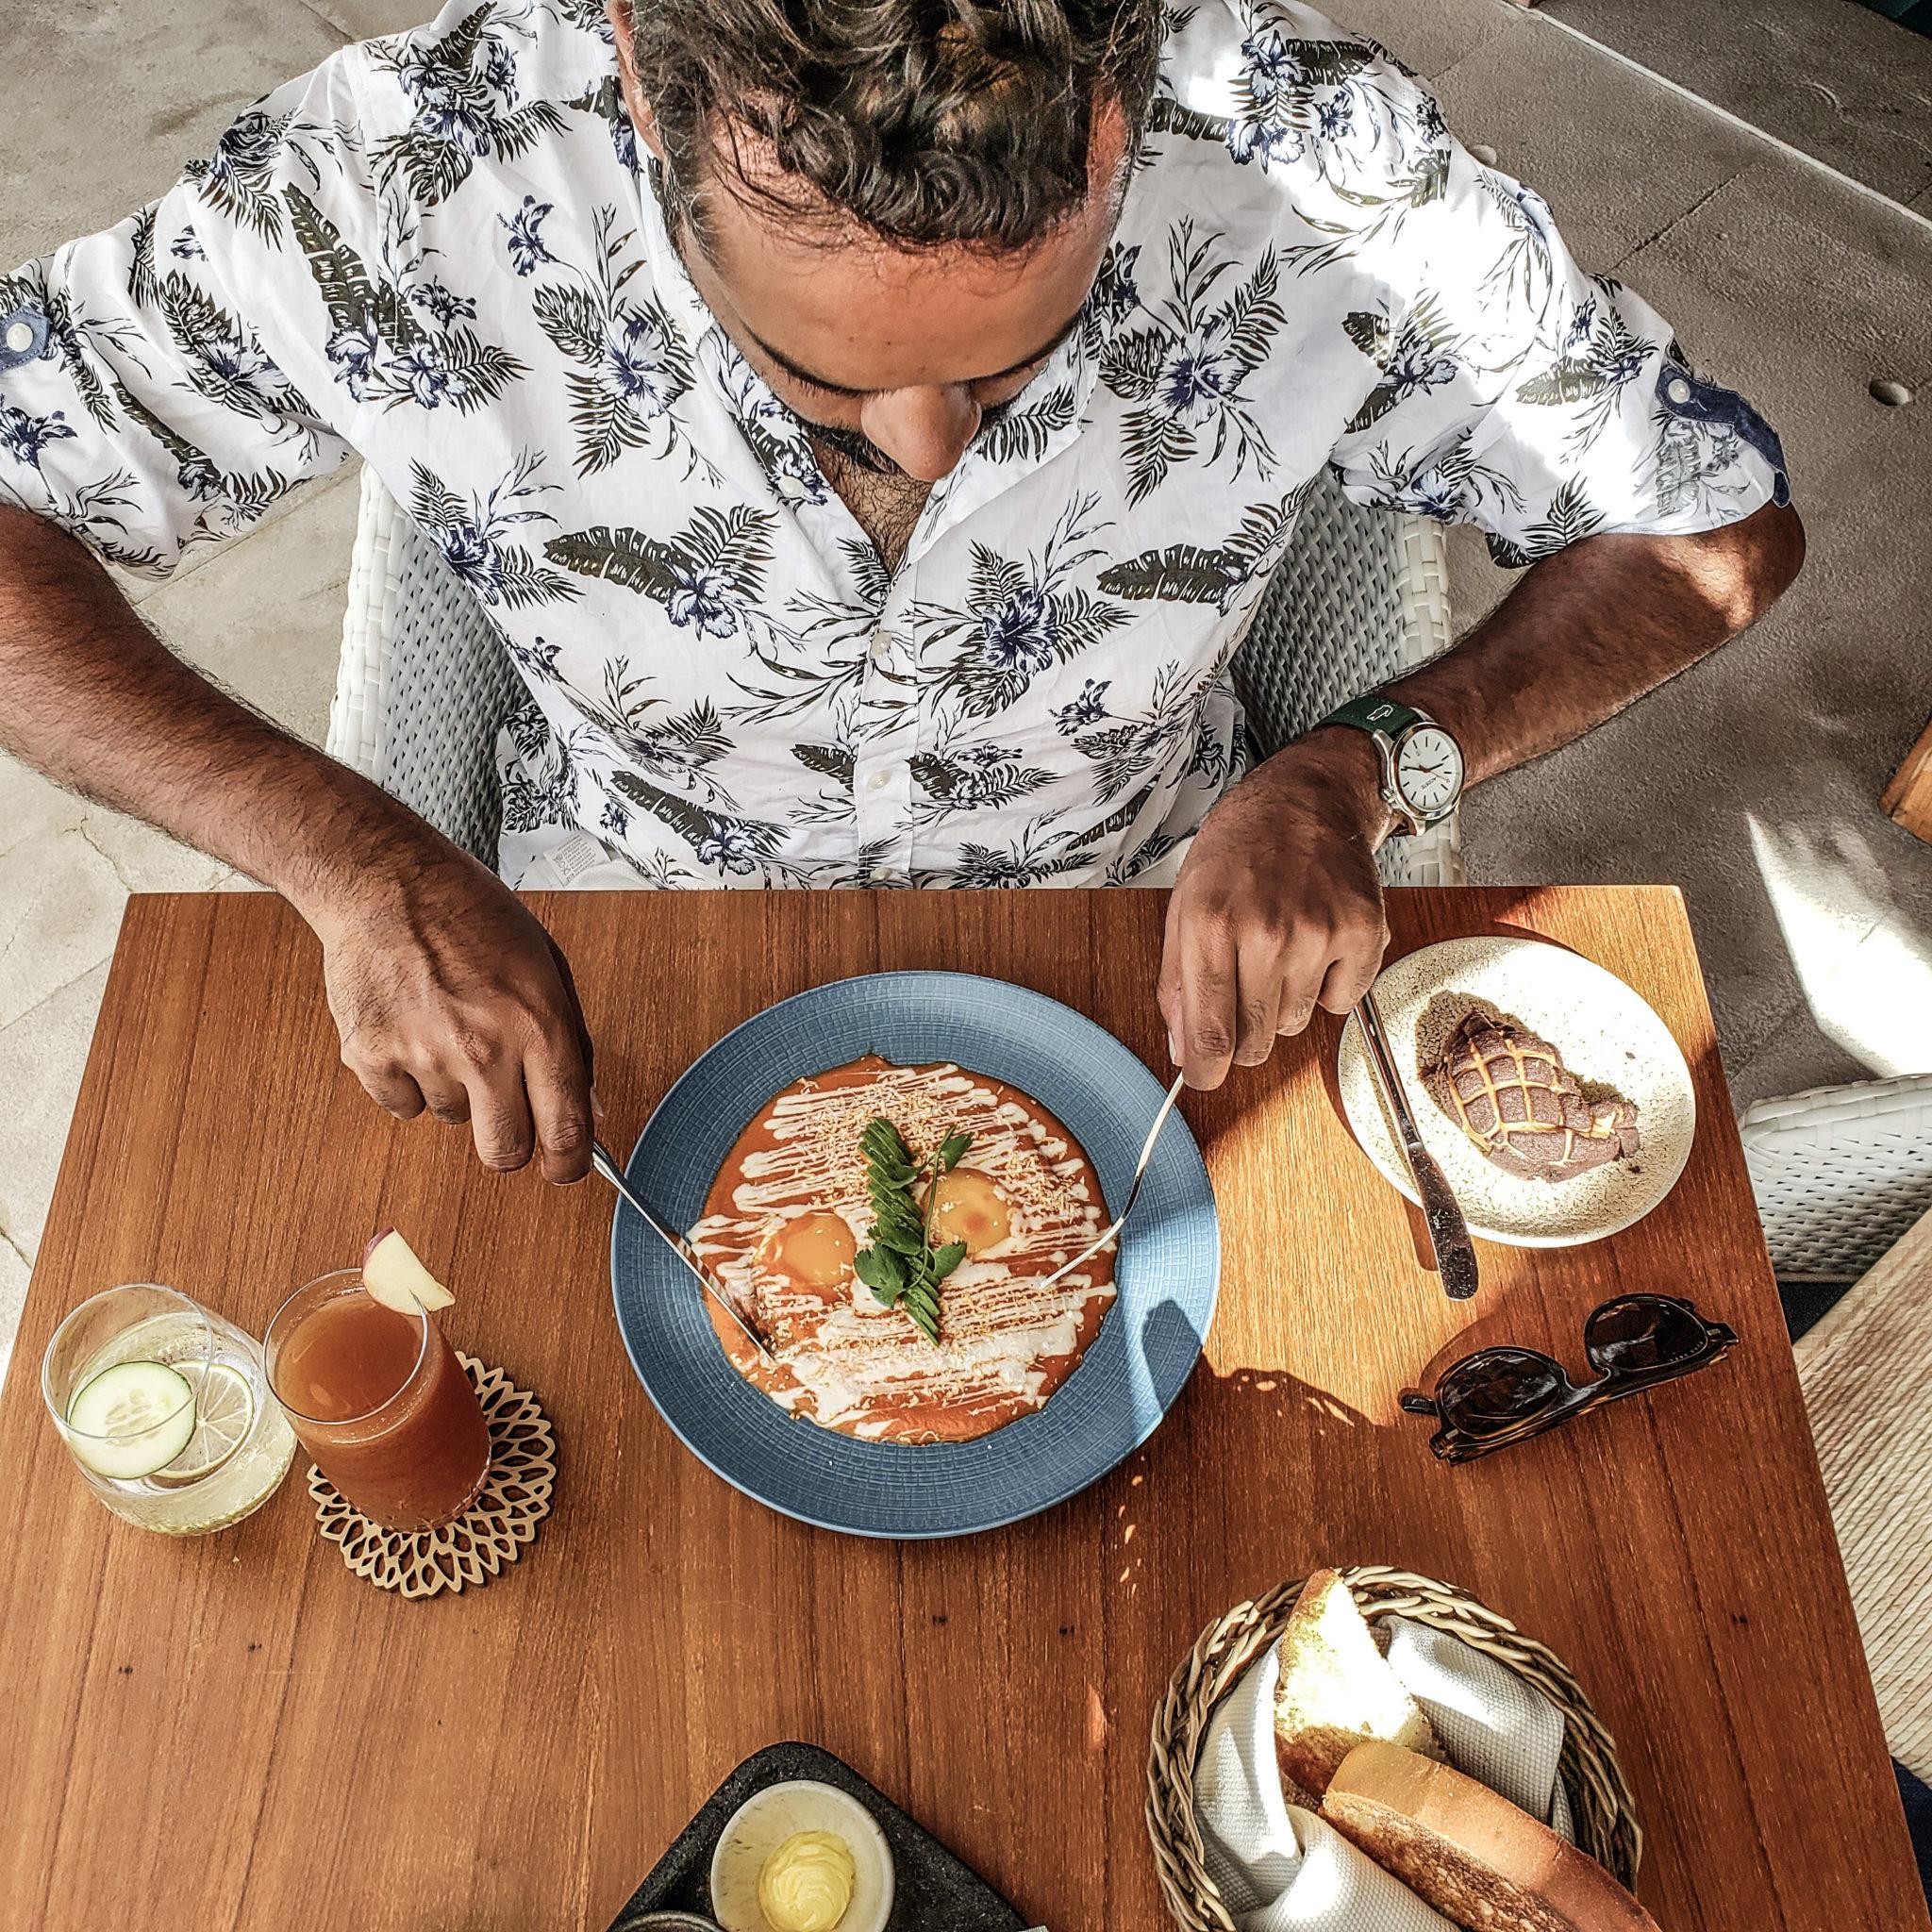 Chable Maroma Resort - Quintana Roo - Playa Del Carmen - Playa Maroma - Huevos Rancheros - Breakfast - Brunch